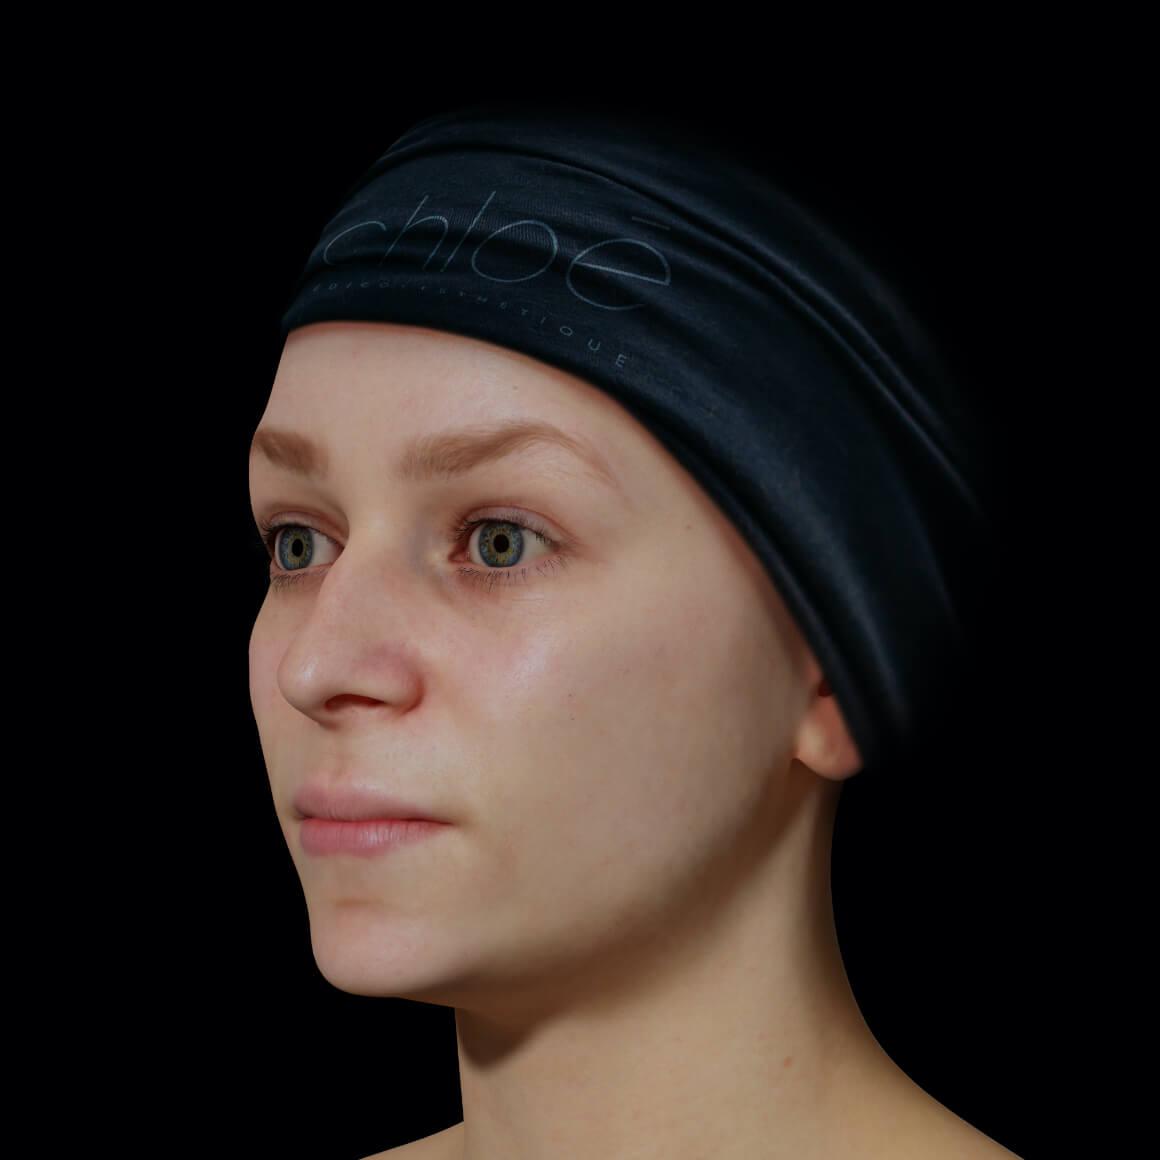 Une patiente de la Clinique Chloé avec une mâchoire peu définie vue en angle